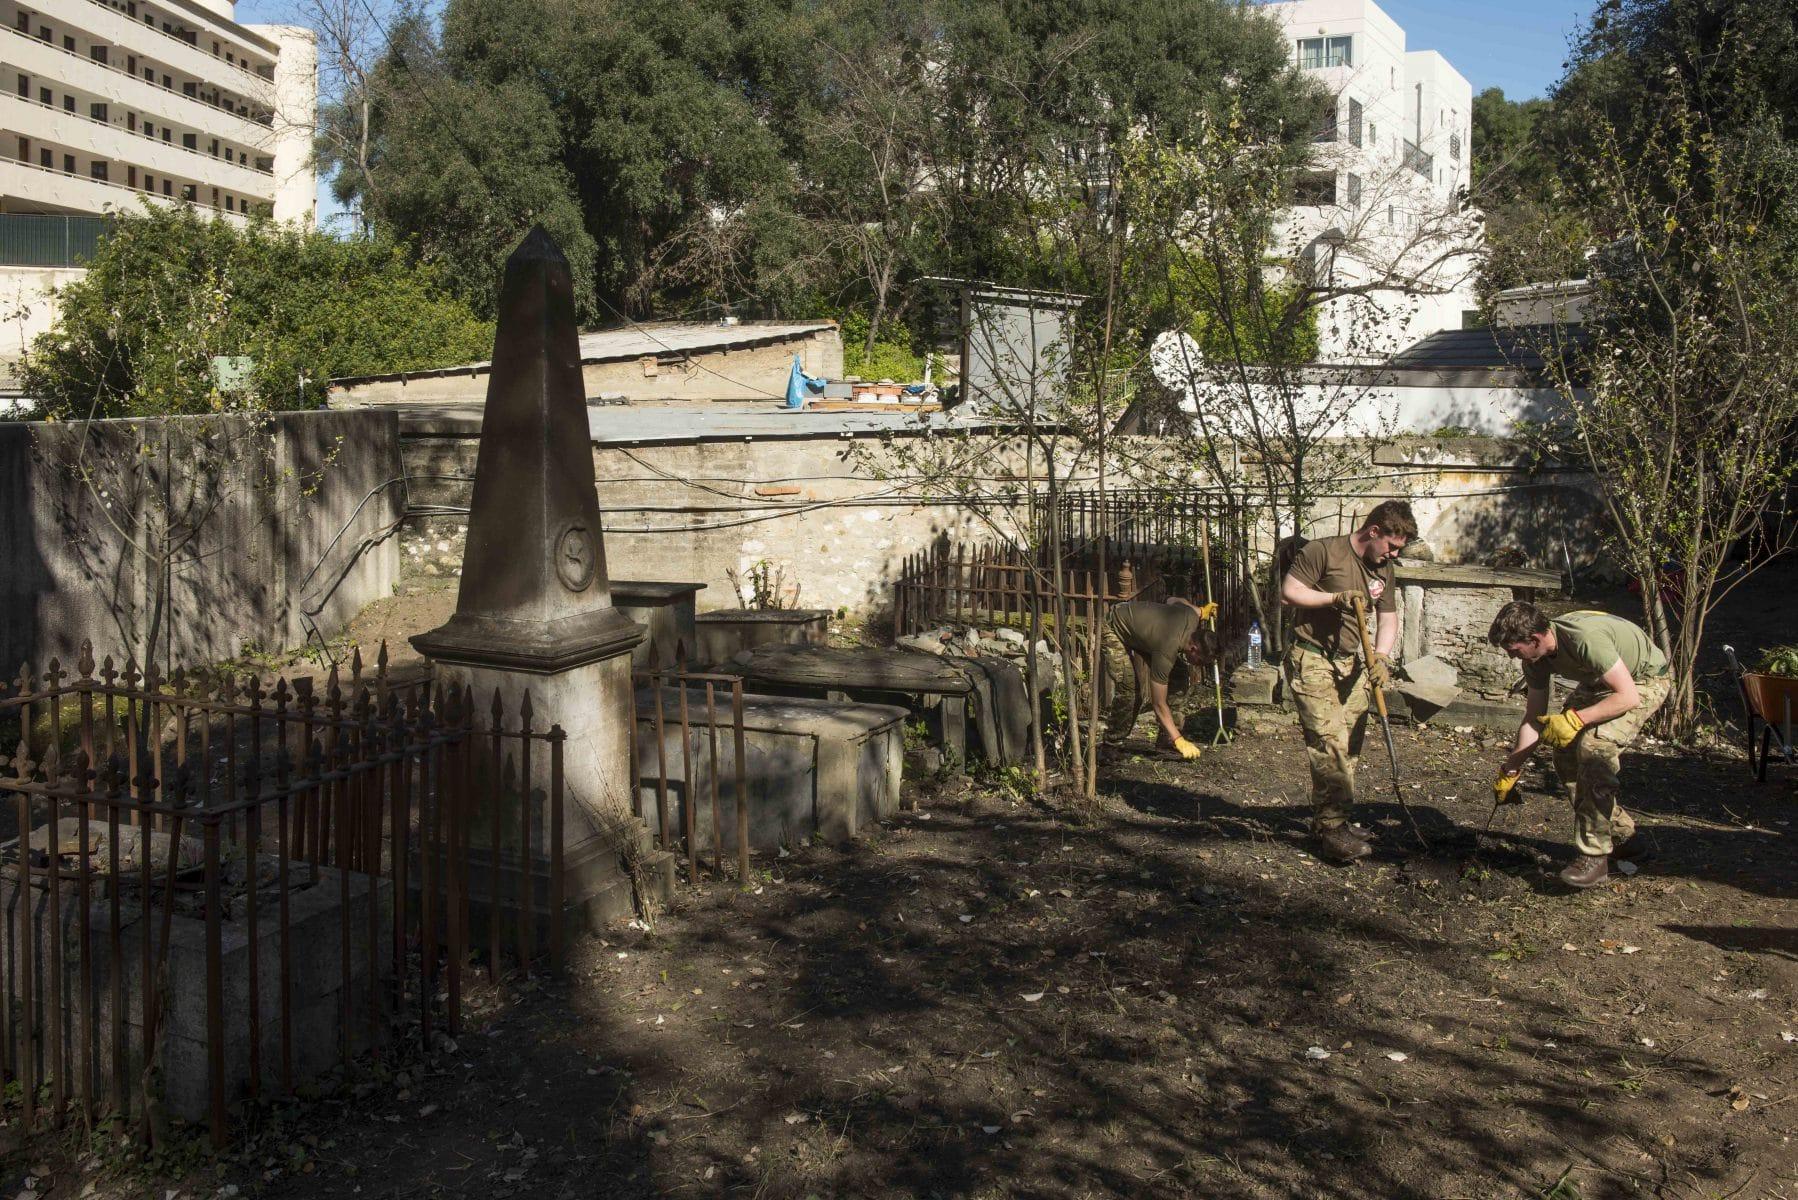 restauracin-cementerio-witham-25_24850852643_o